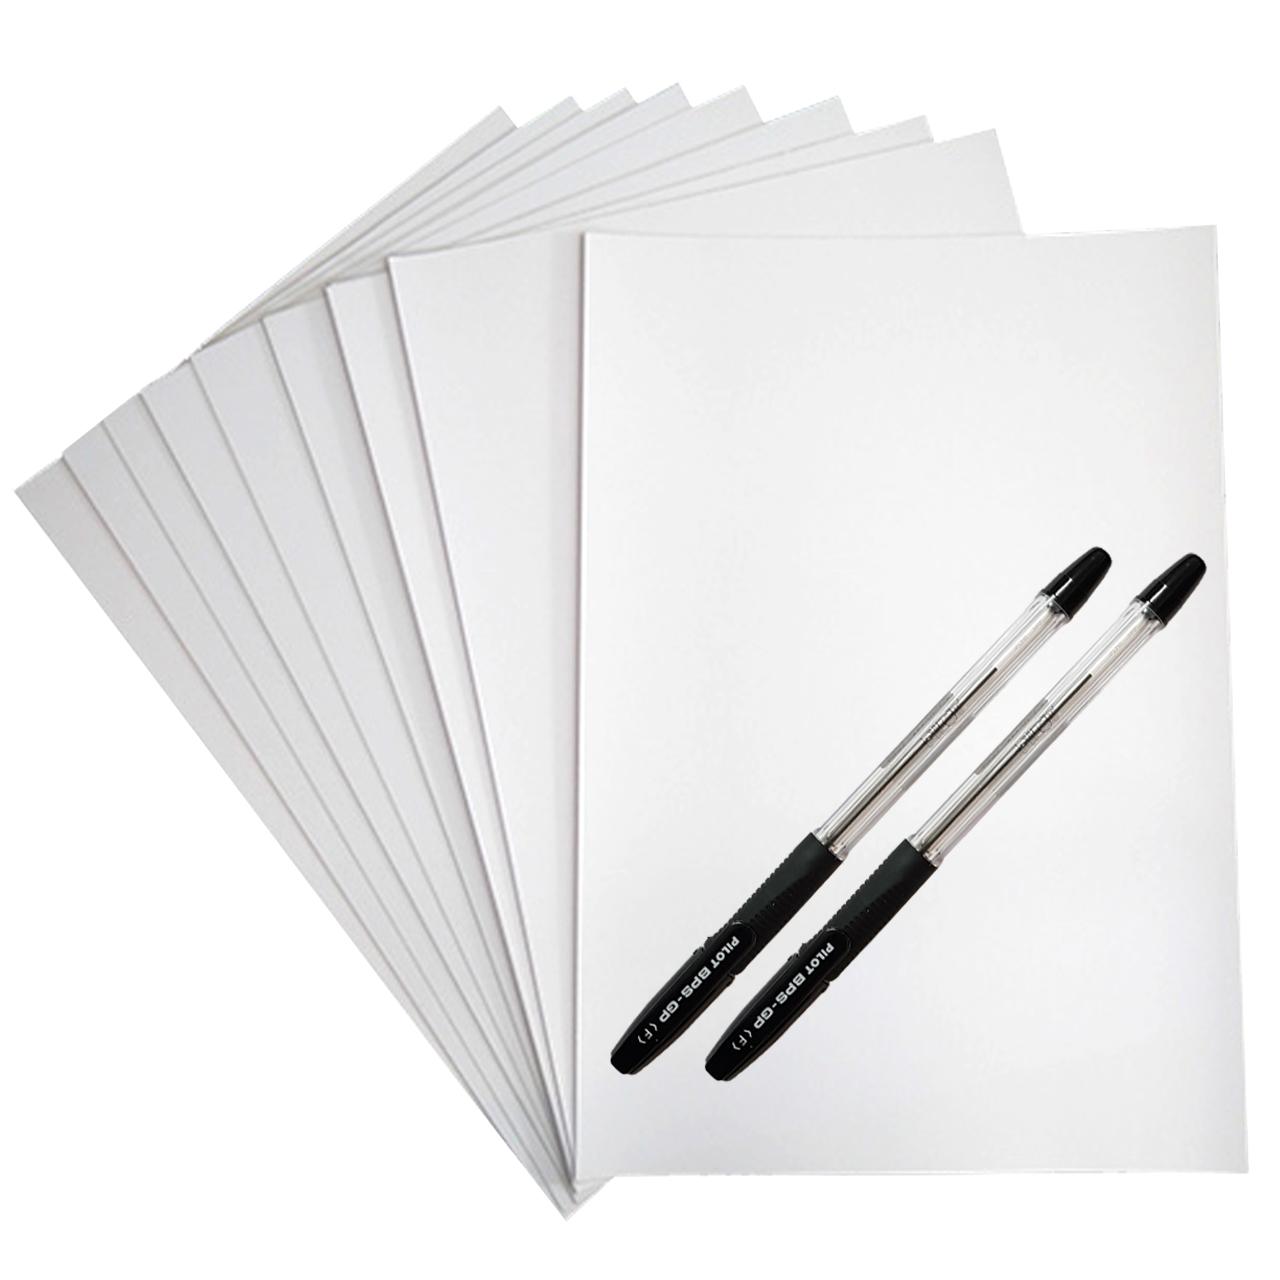 کاغذ A4 کد 10 بسته 10 عددی به همراه خودکار پایلوت مدل BPS-GP  بسته دو عددی